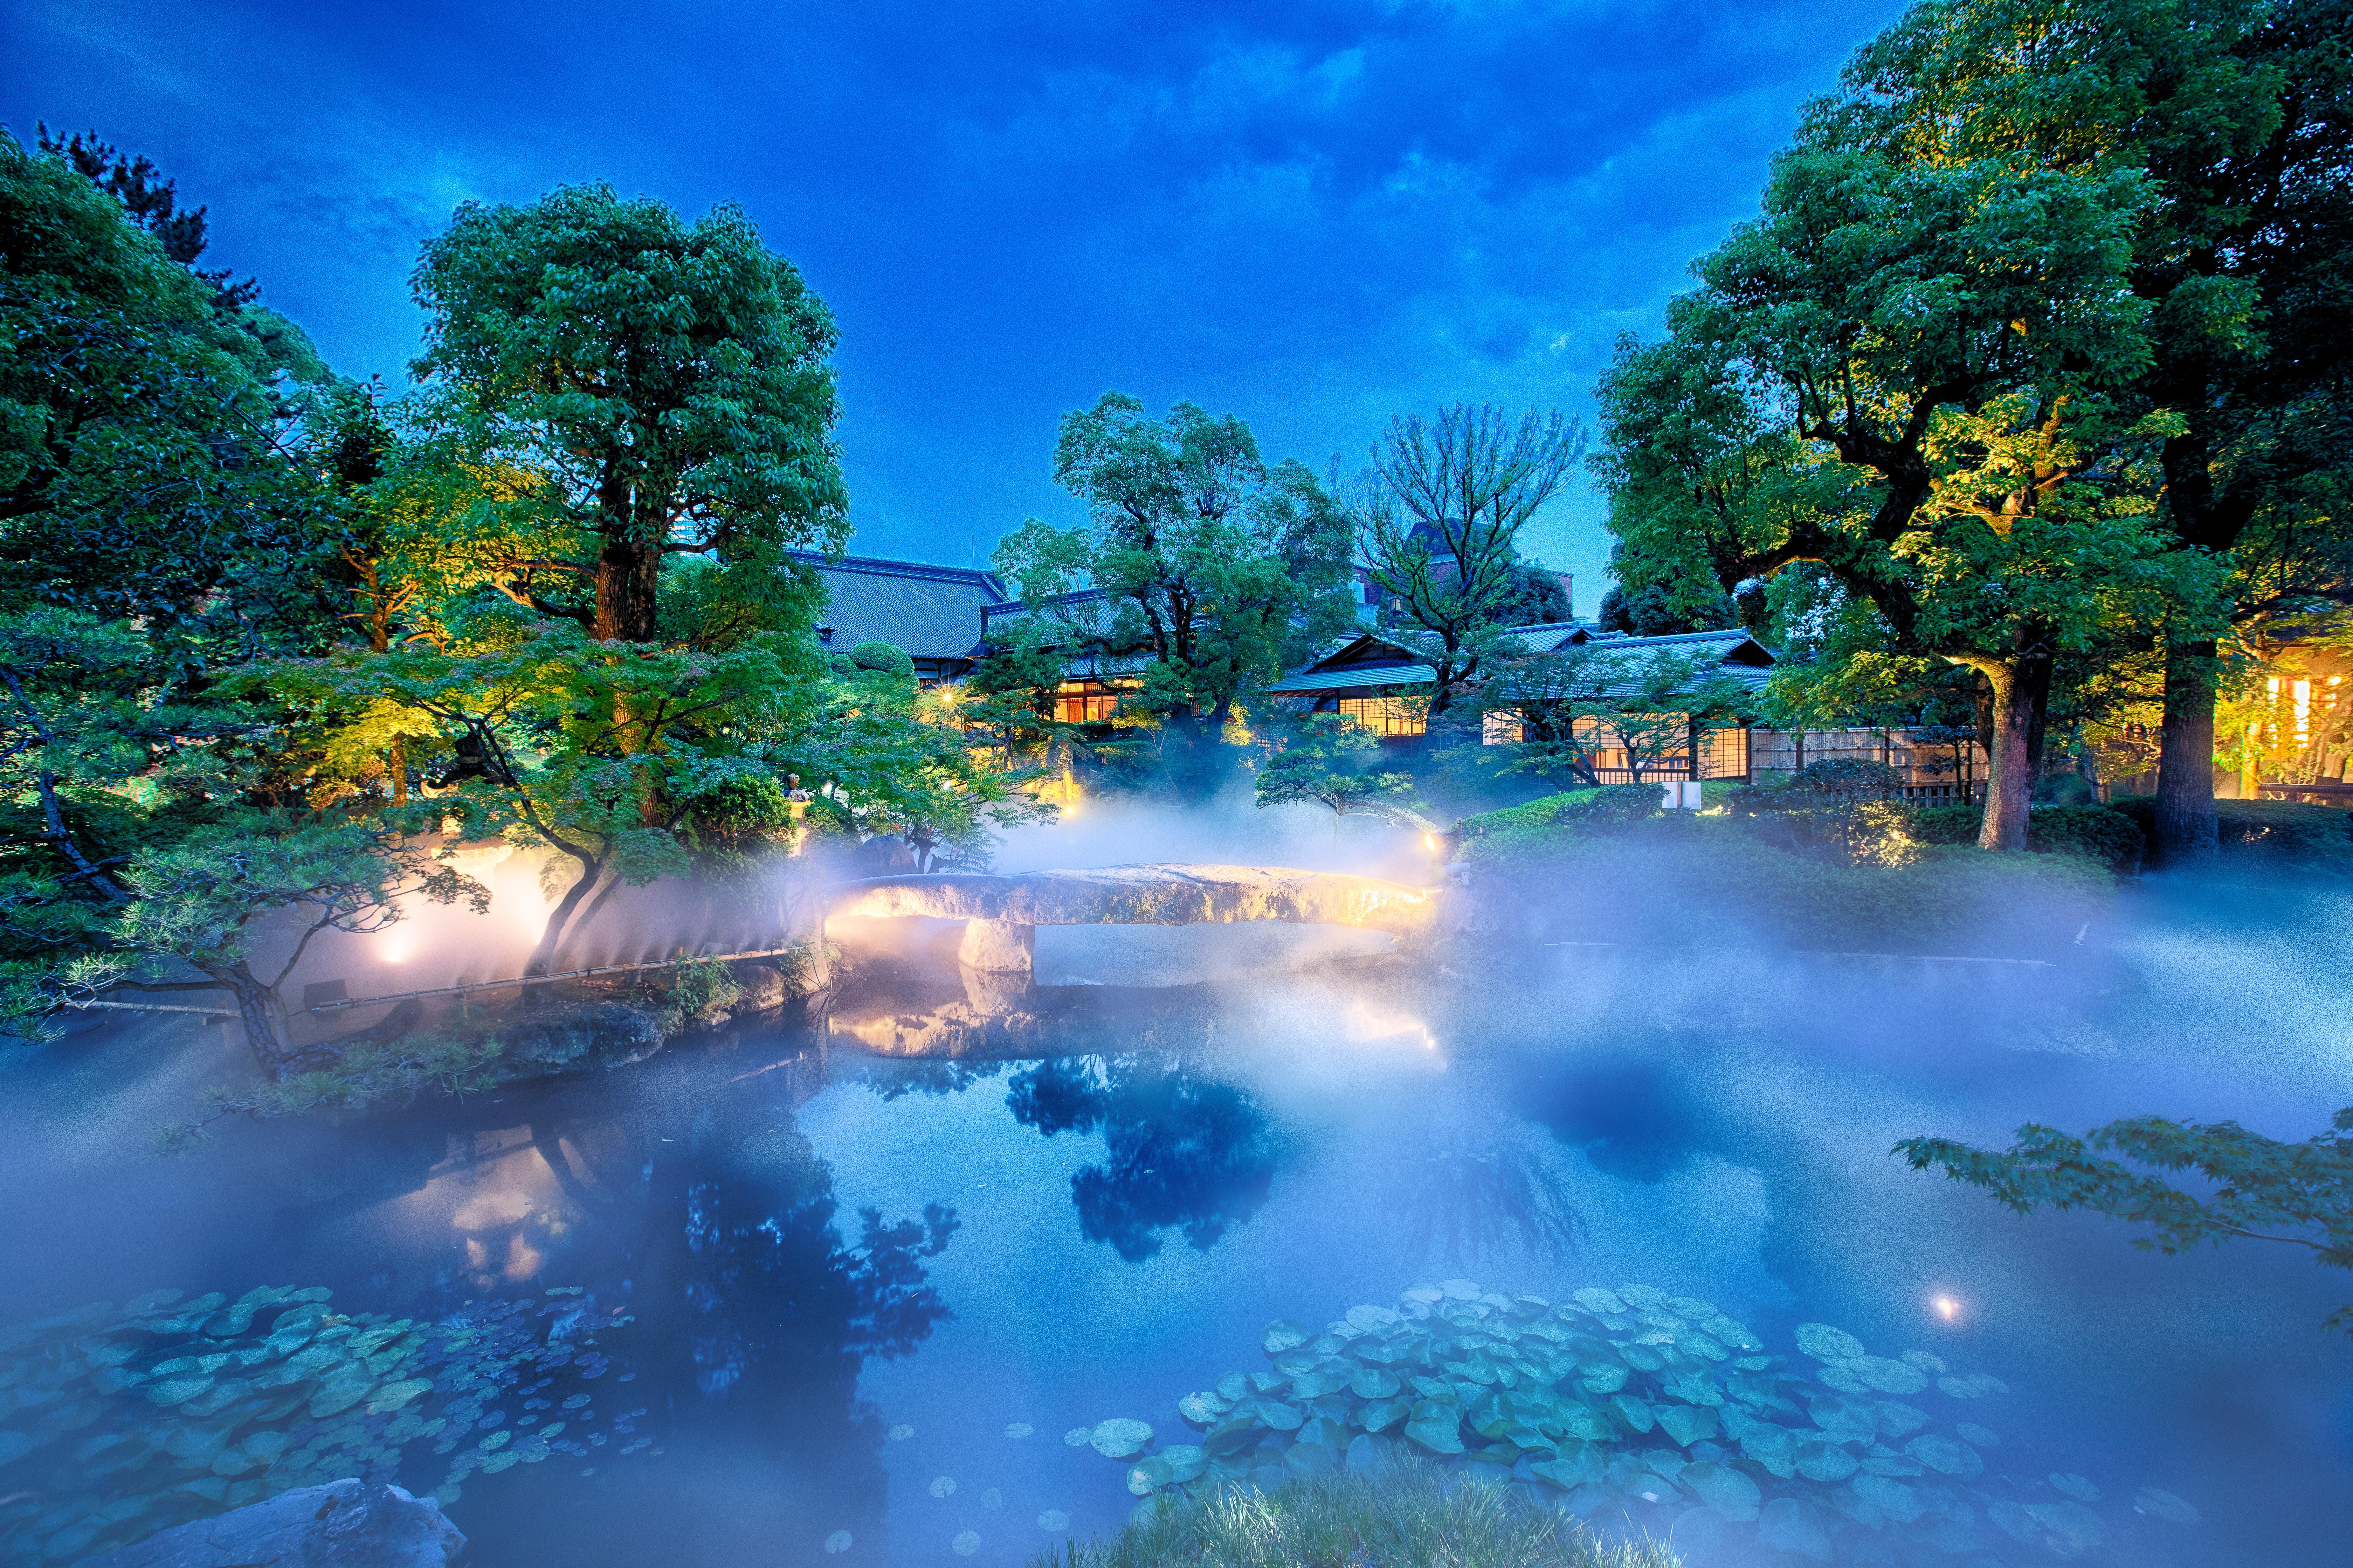 太閤園は歴史のある豪華な庭園!景色を見ながら食事や結婚式場におすすめ!